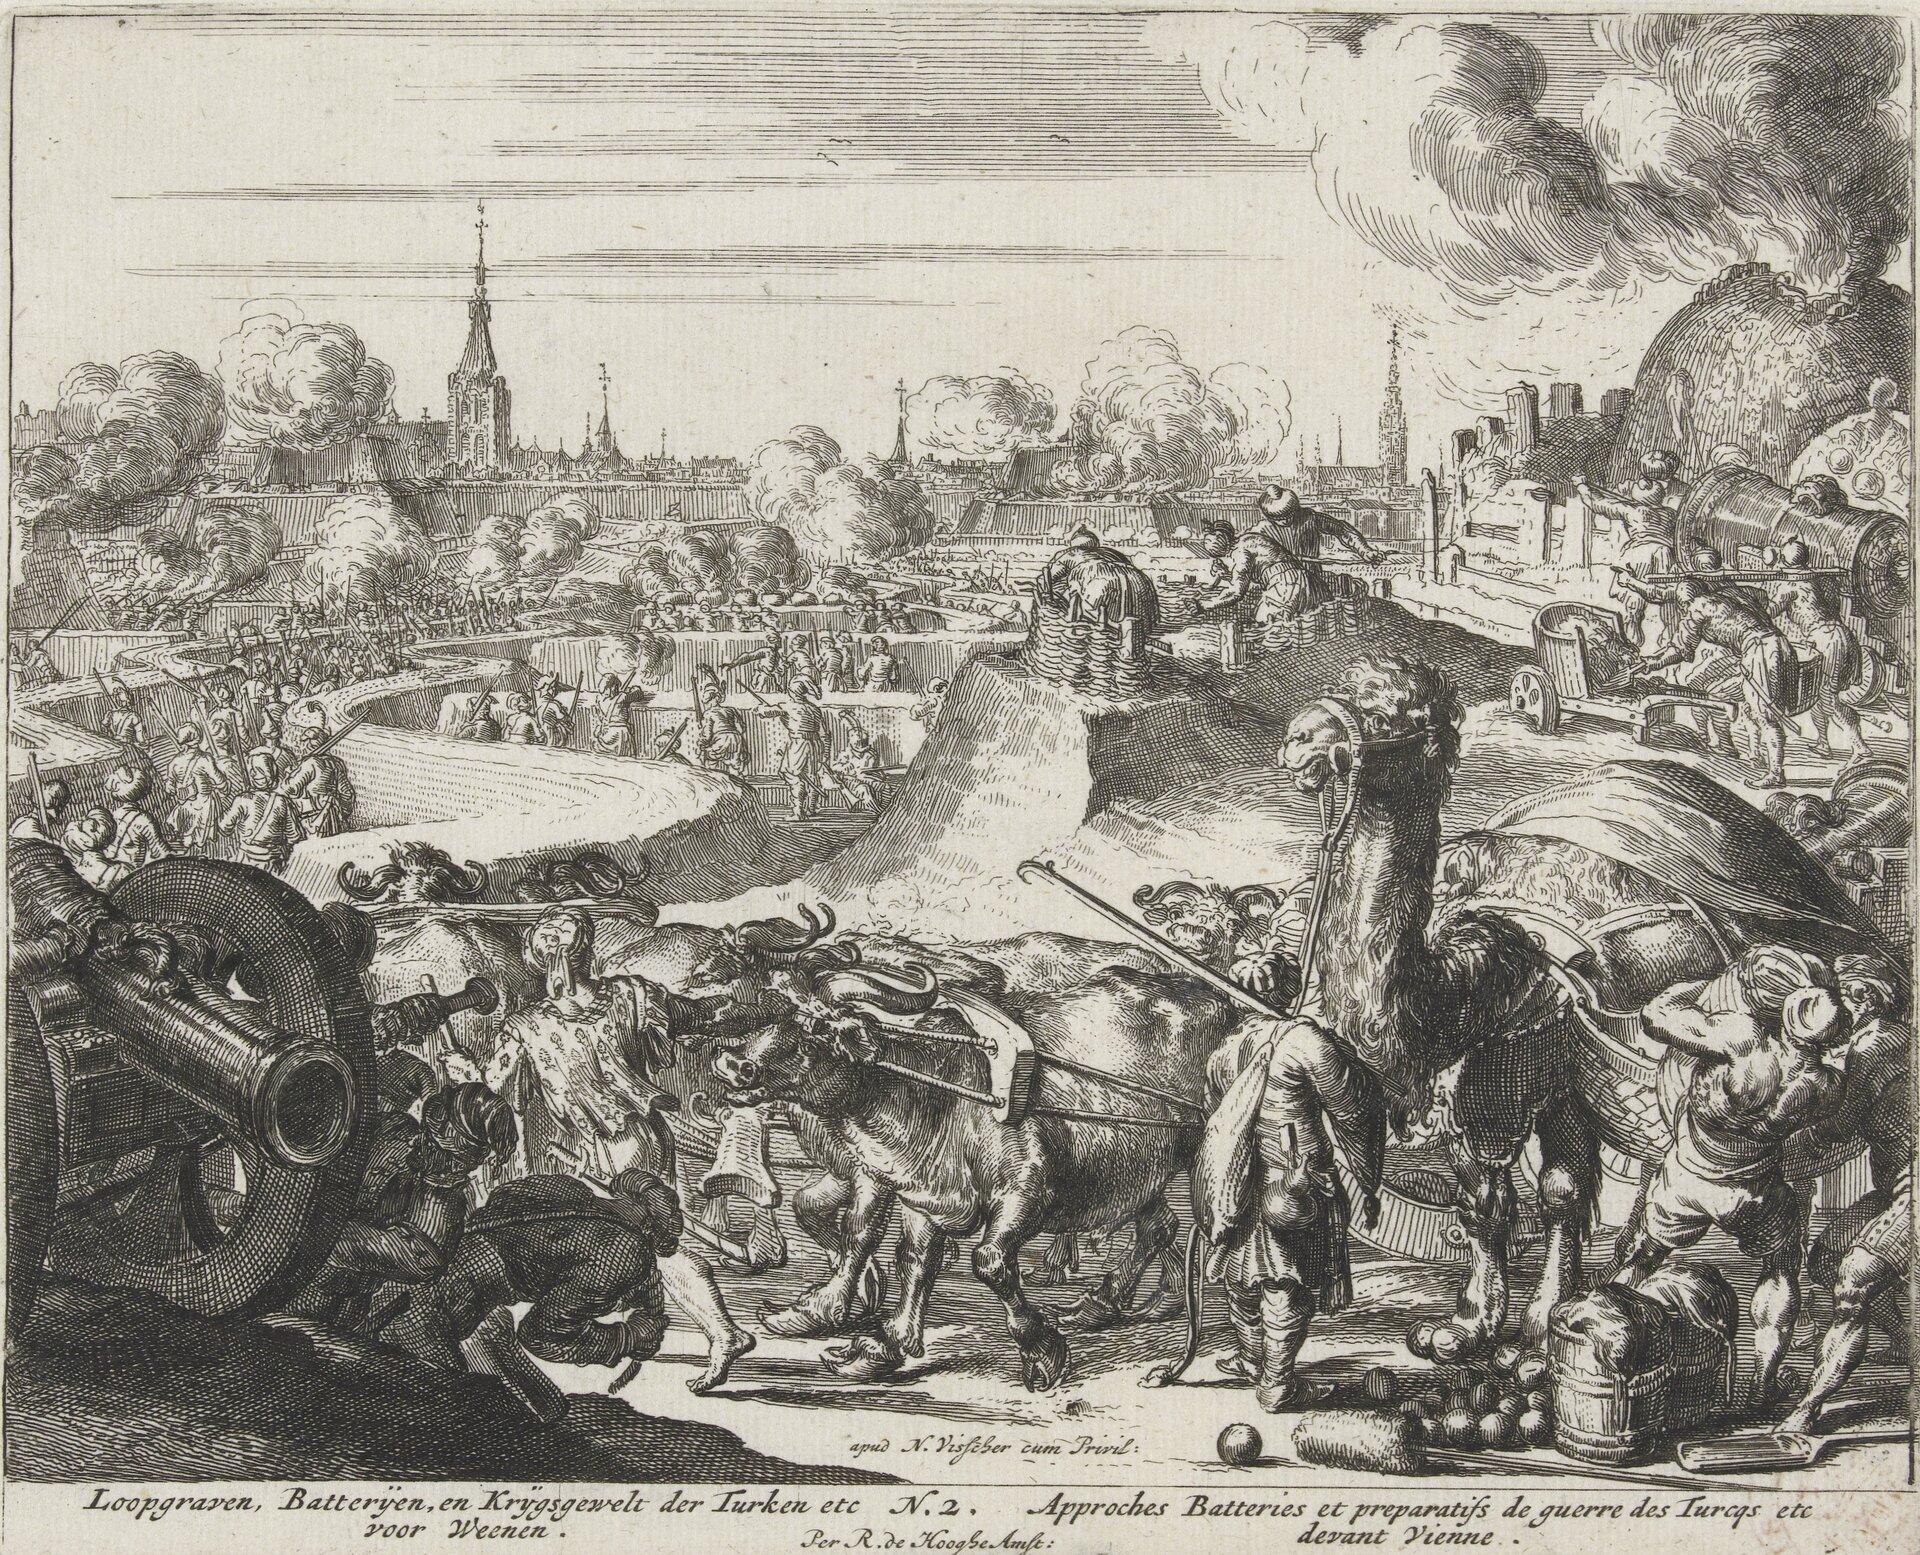 Oblężenie Wiednia - seria Okopy tureckie pod Wiedniem. Źródło: Romeyn de Hooghe, Oblężenie Wiednia - seria, 1684, akwaforta, Rijksmuseum (hol. Muzeum Państwowe) wAmsterdamie, domena publiczna.